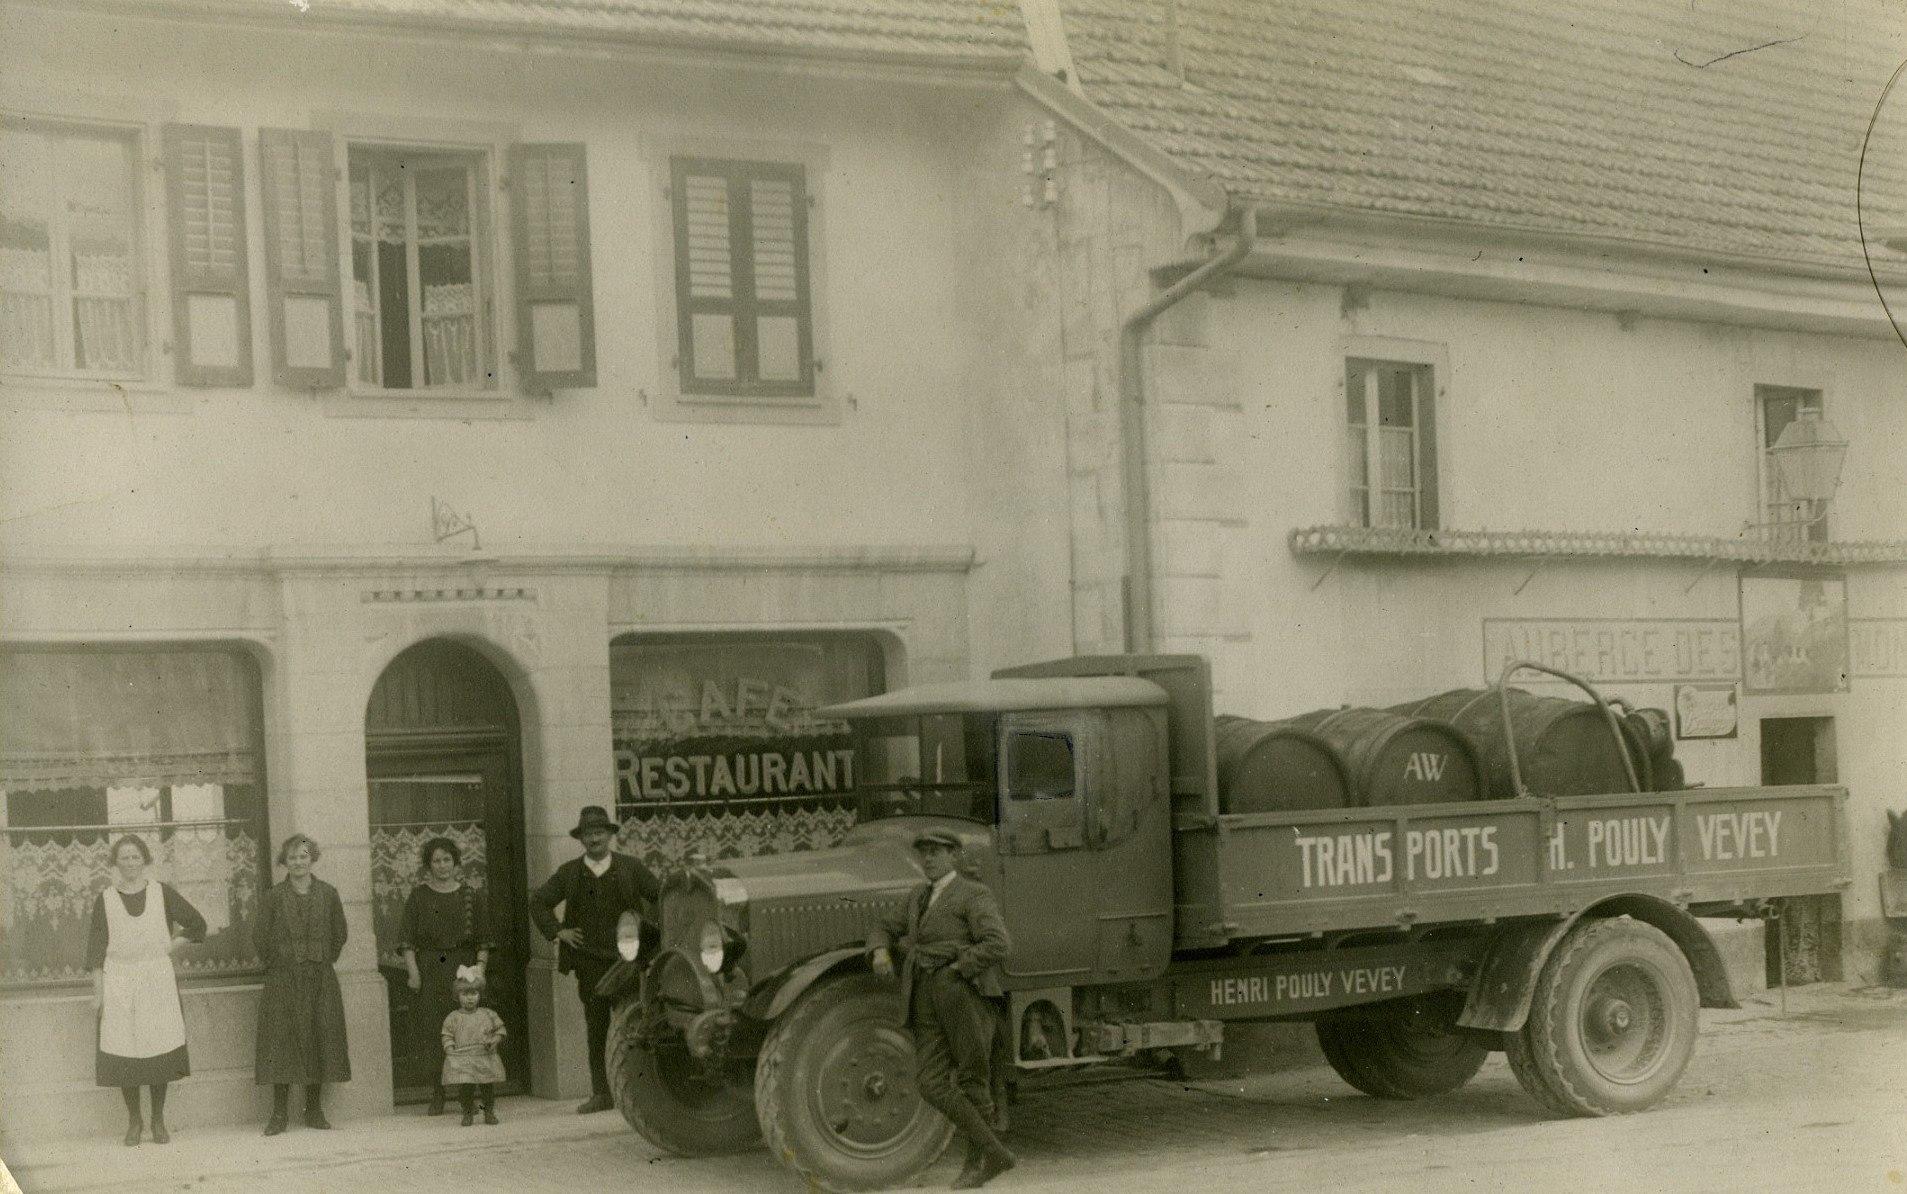 Camion-devant-l-auberge-des-Montagnards-a-Broc-Suisse-avec-de-Vin